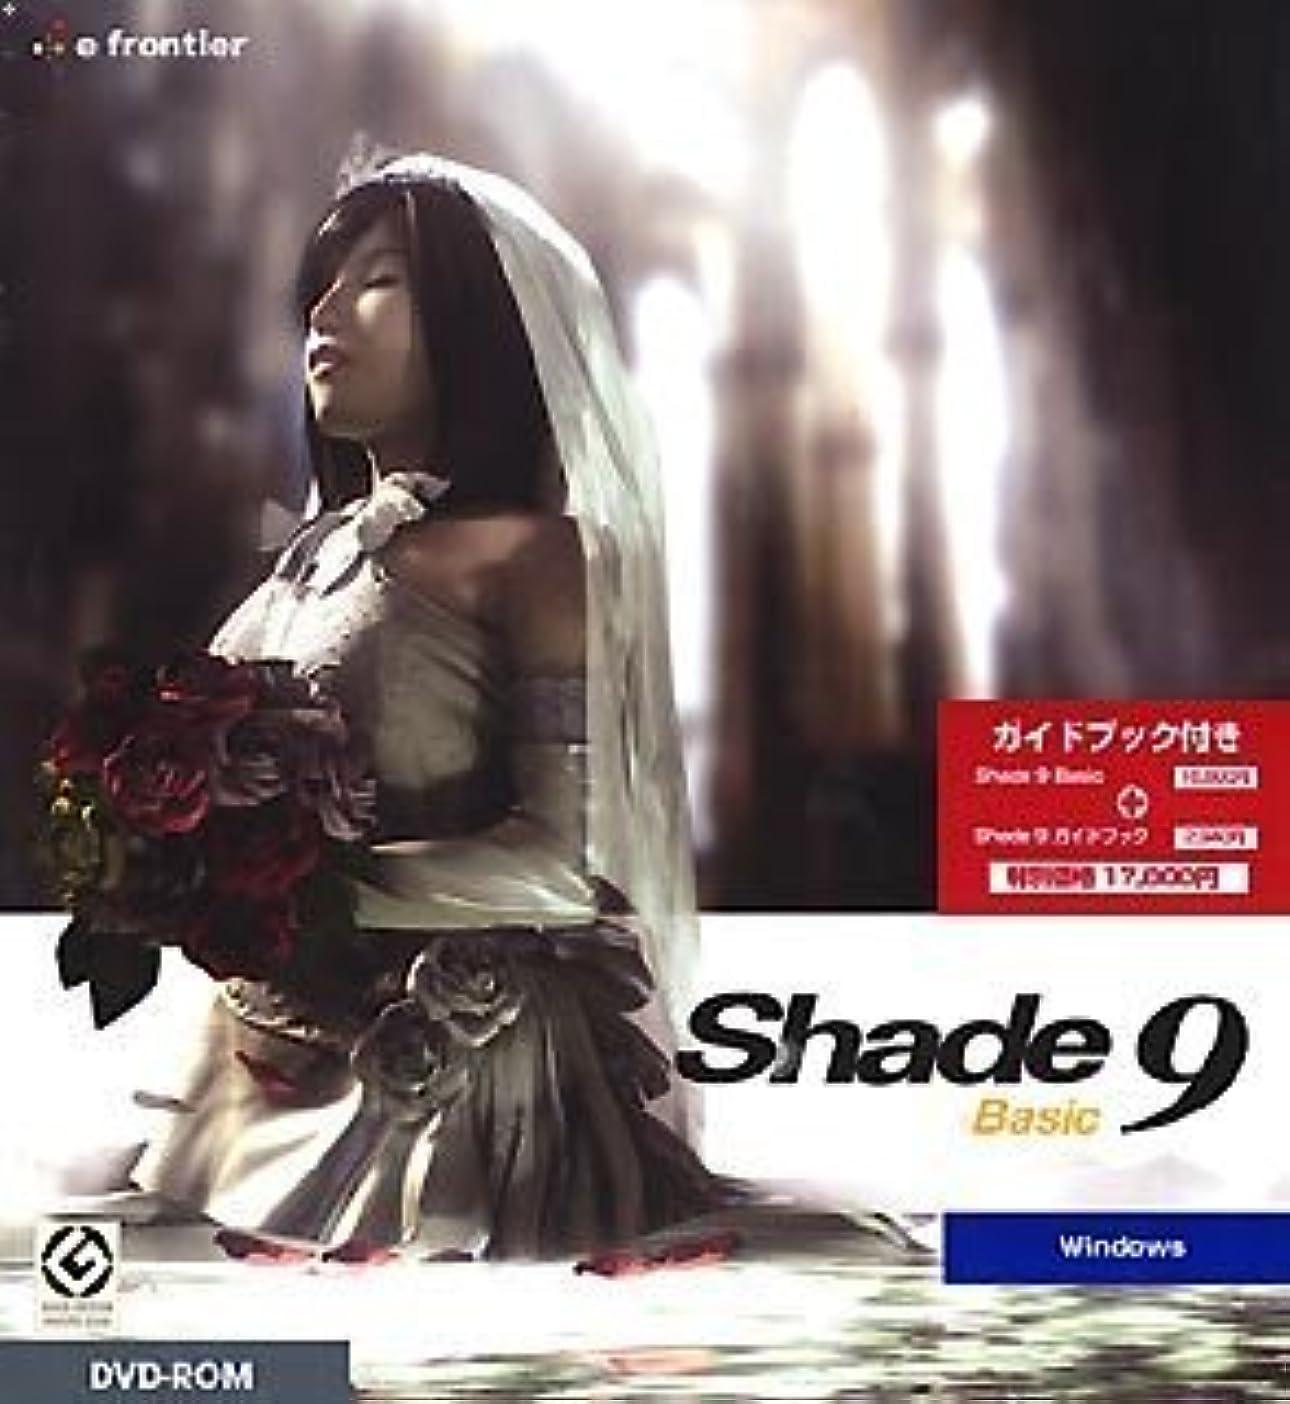 ブラザー日曜日結核Shade 9 Basic for Windows ガイドブックバンドル